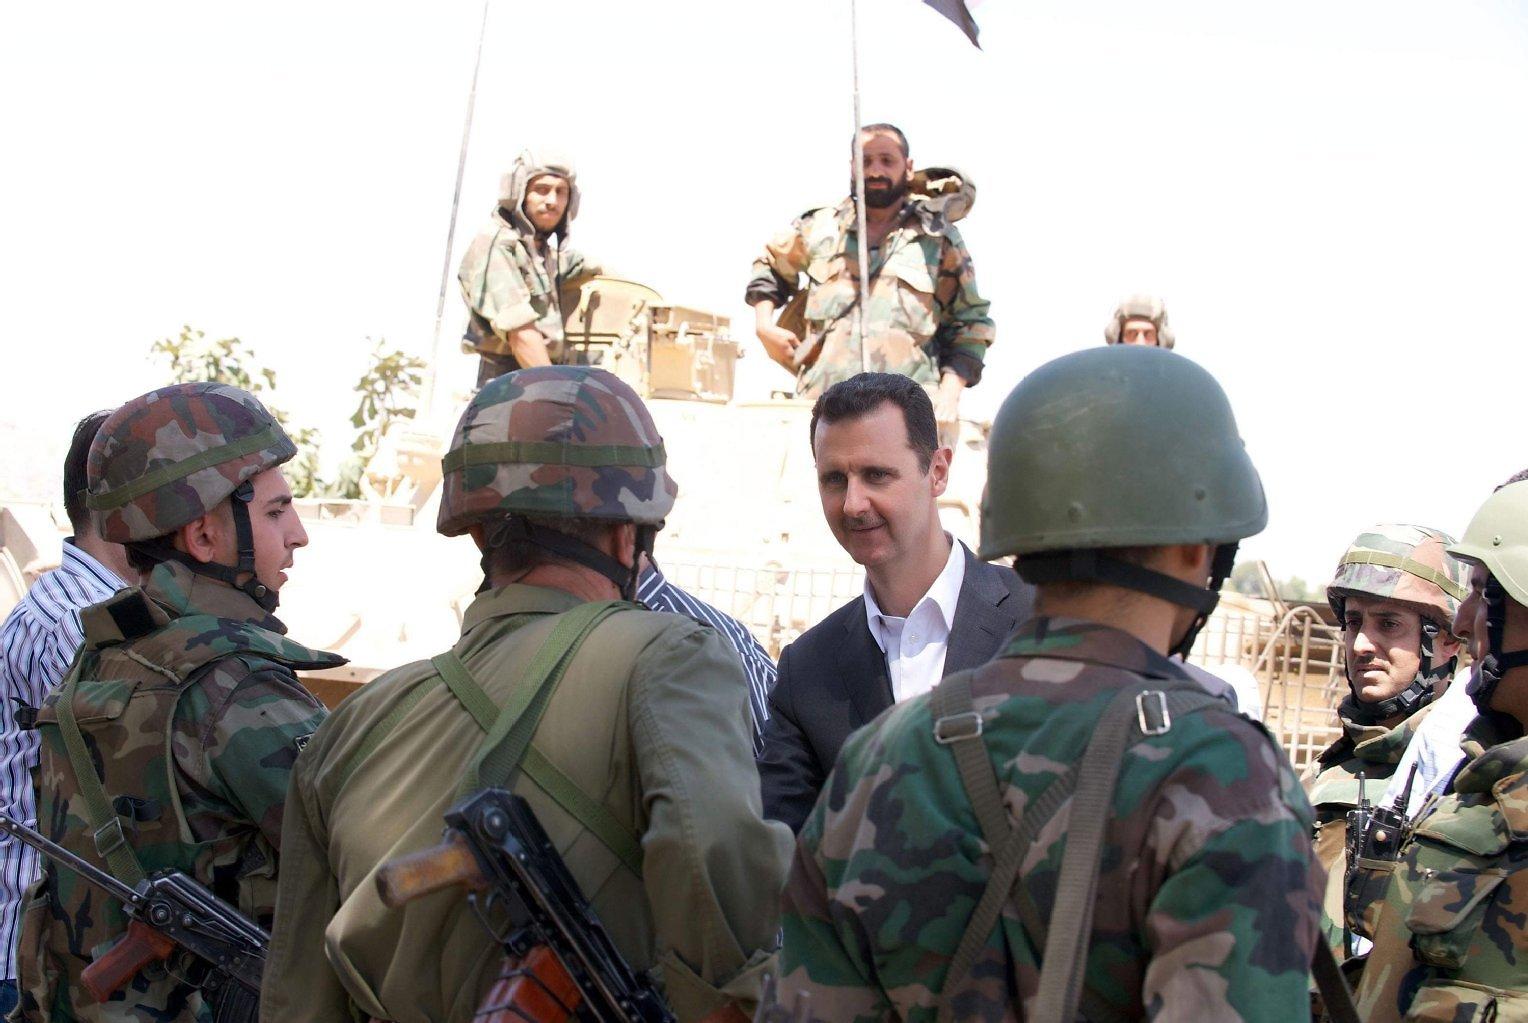 """بعد أن خرجوا من السجن.. 9 سوريون يستخدمون سلاحًا أثبت فعاليته ويستهدفون 25 ضابطًا بـ""""نظام الأسد"""""""